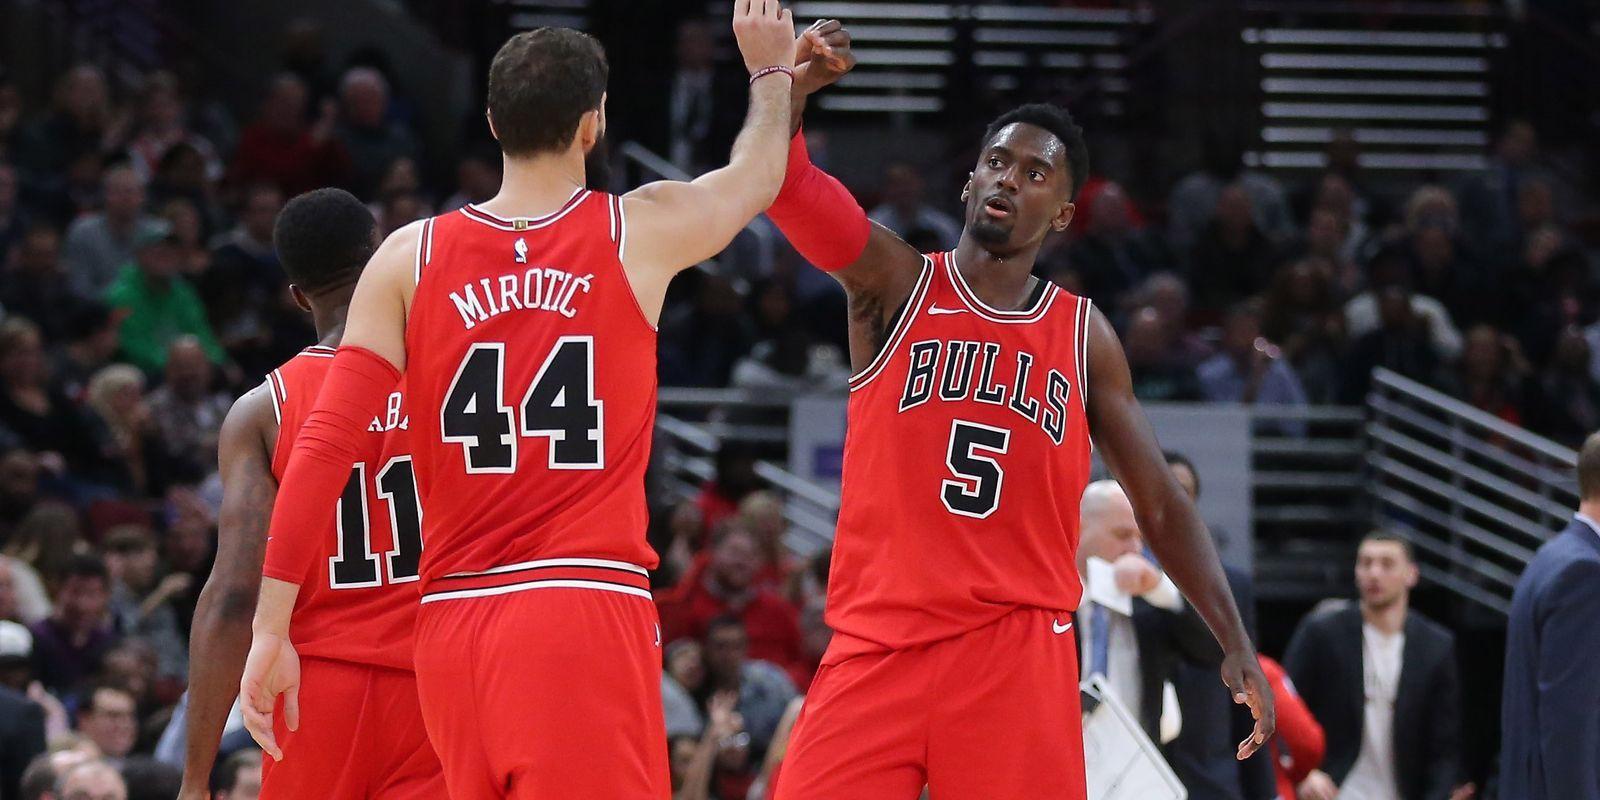 Tin NBA ngày 3/1: Bình thường hóa quan hệ không có nghĩa Mirotic sẽ nói chuyện nhiều hơn với Portis.